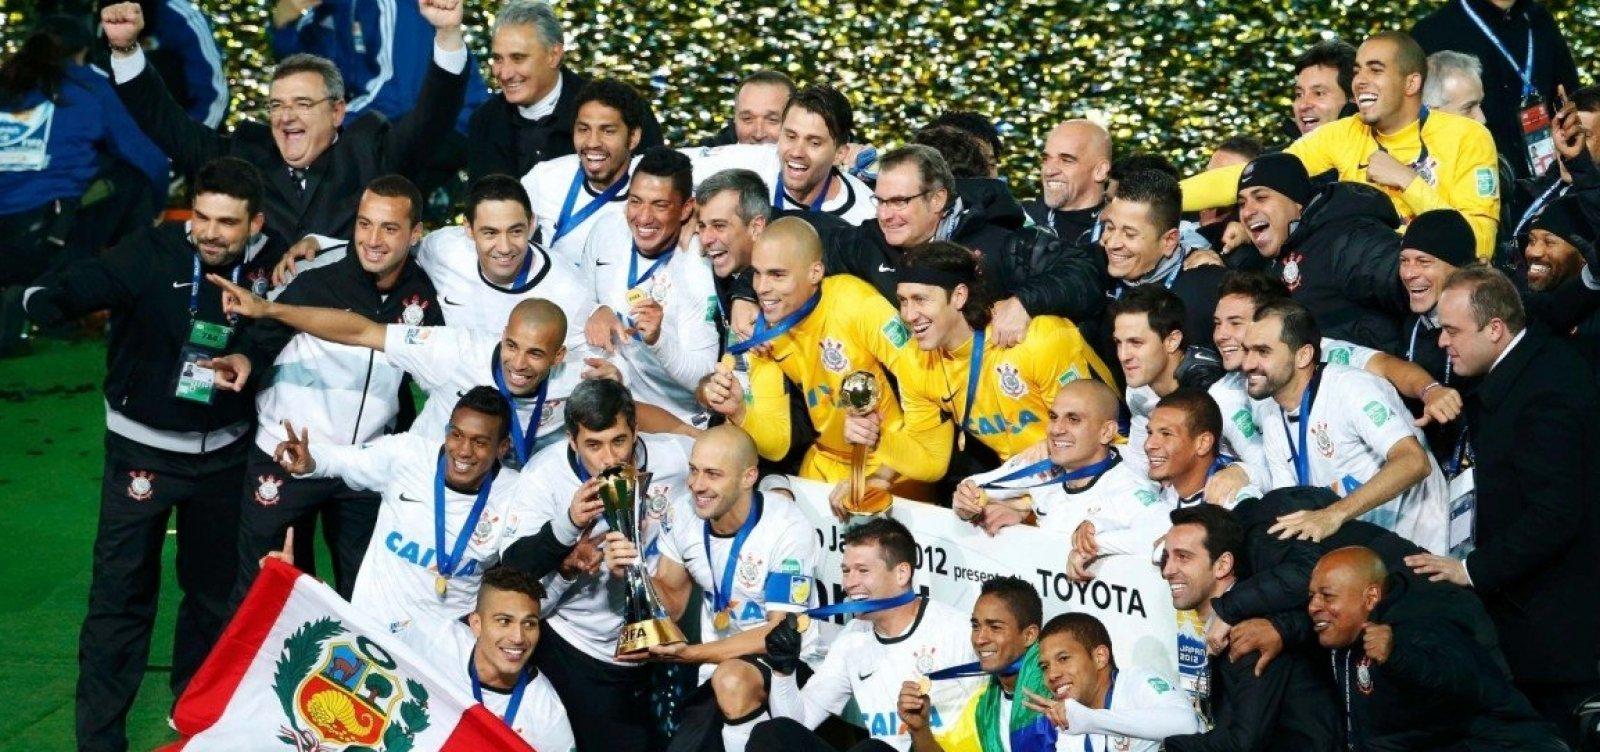 Justiça determina penhora de taça do Mundial do Corinthians